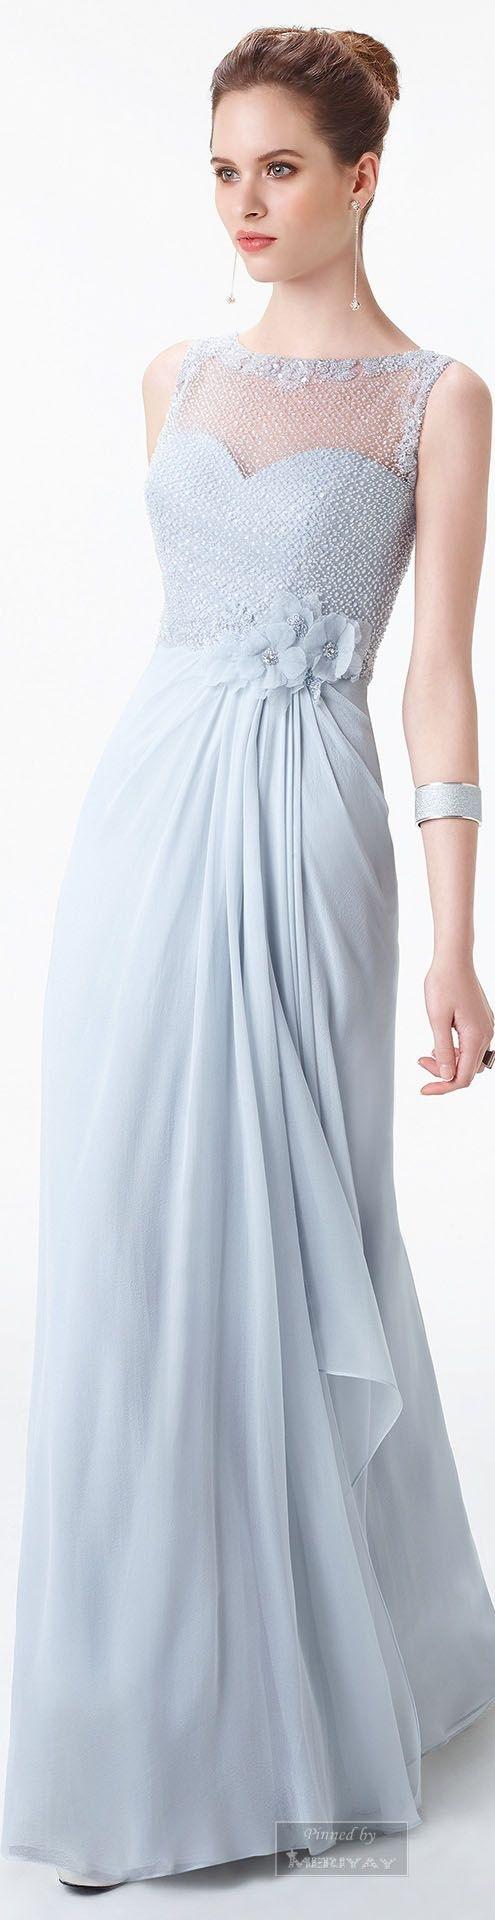 Mães dos noivos | Vestidos de festa | Pinterest | Vestiditos ...